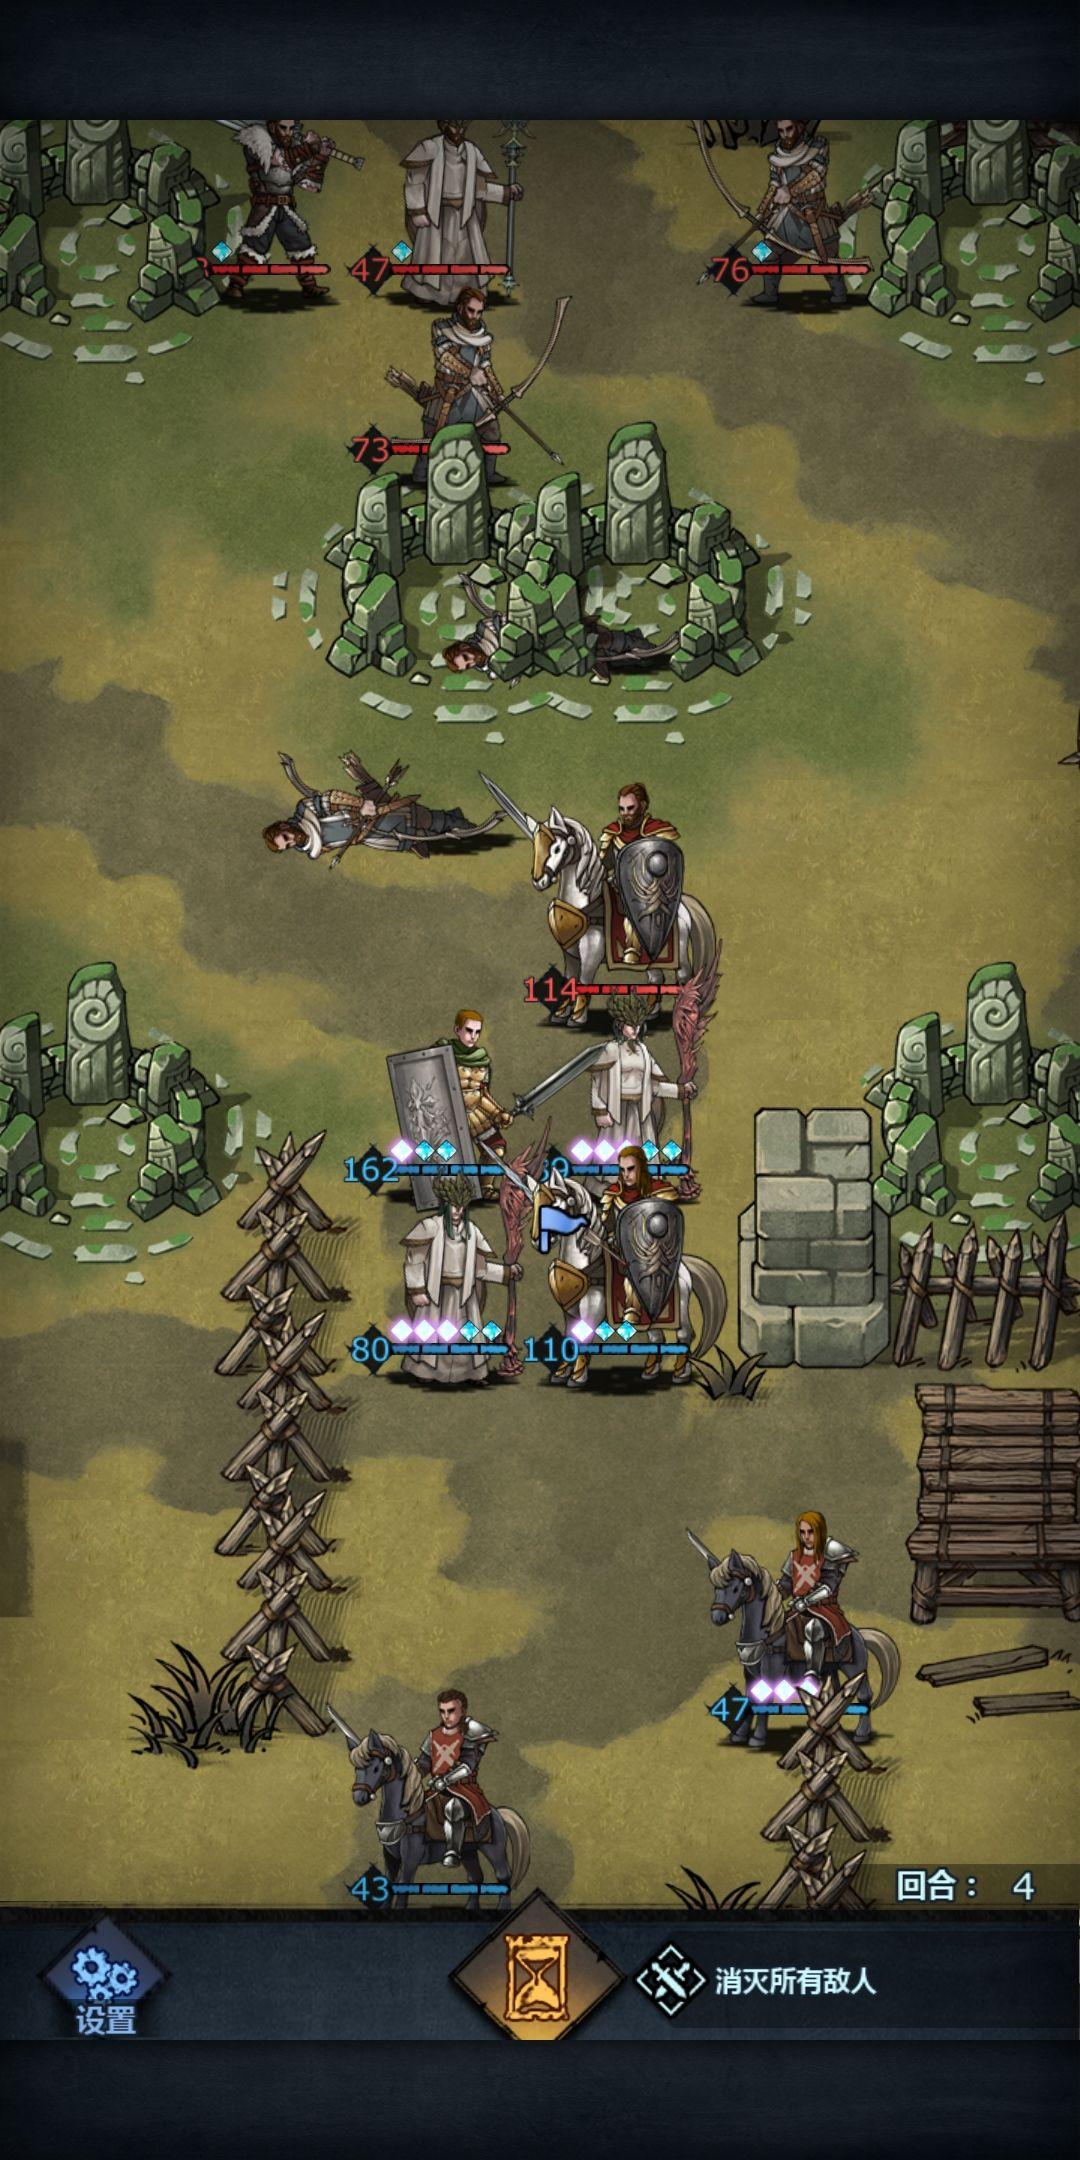 诸神皇冠德鲁伊攻略 德鲁伊玩法攻略及武器技能推荐